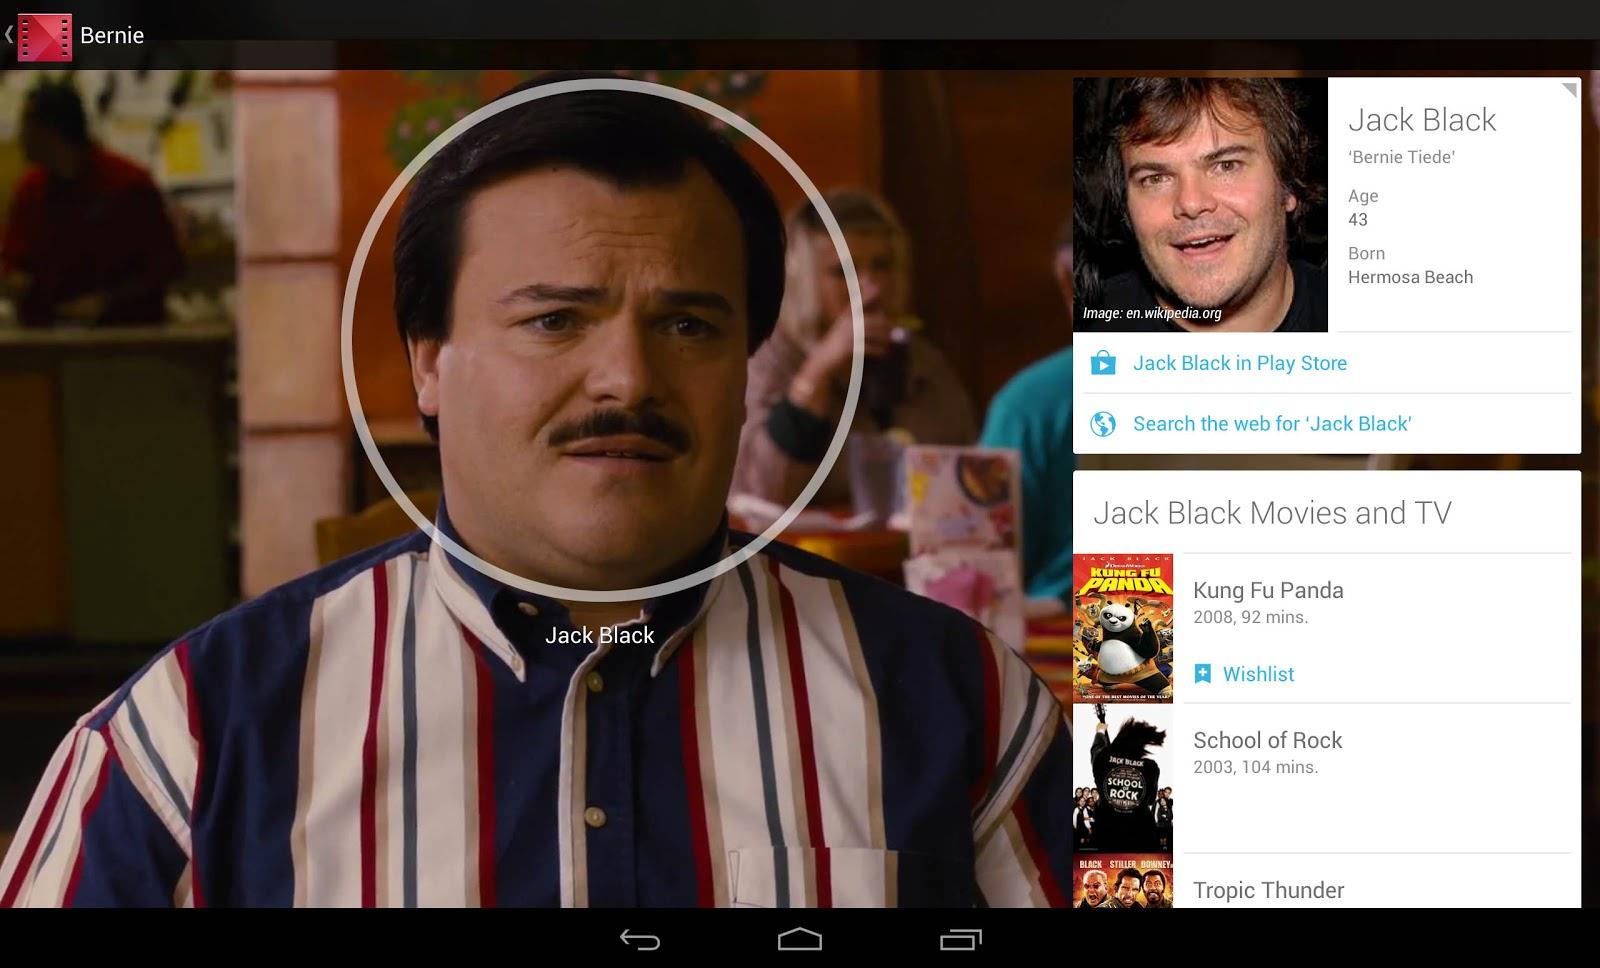 Google rozpozná tvář v přehrávaném filmu na tabletu s Androidem